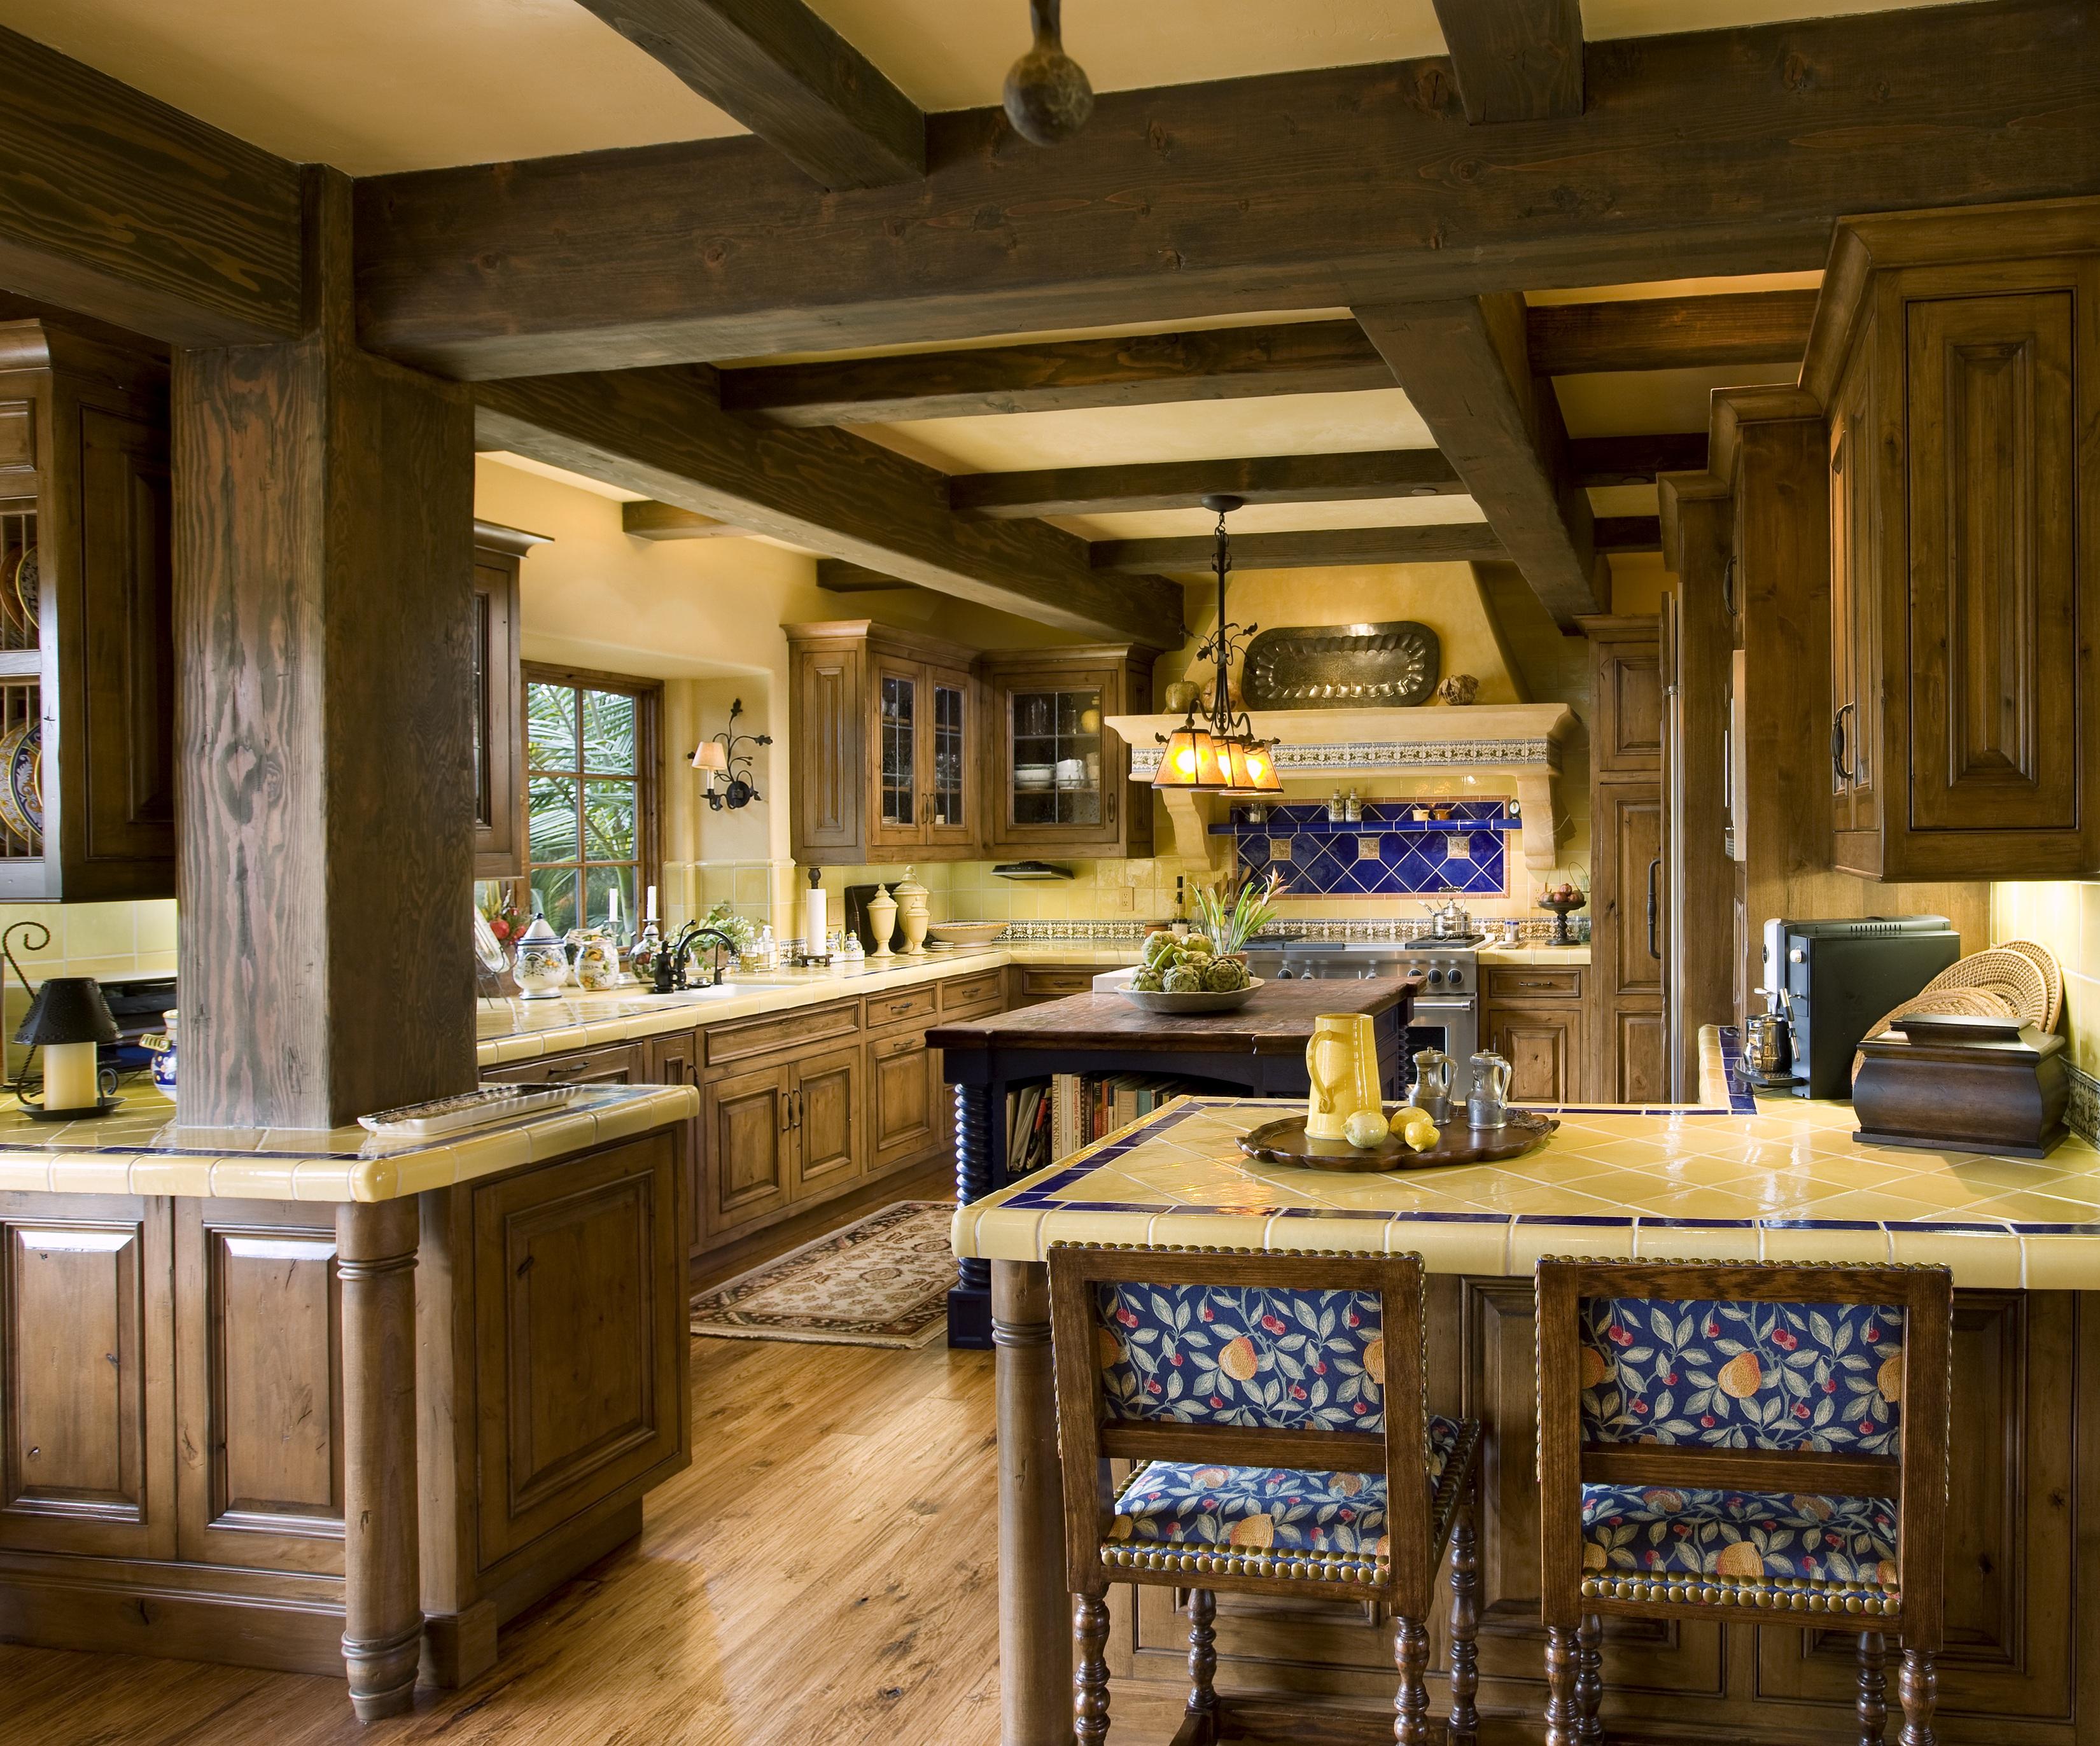 wooden-furniture-of-mediterranean-kitchen-design-1-Boutique-Homes-Mediterranean-Furniture-Design